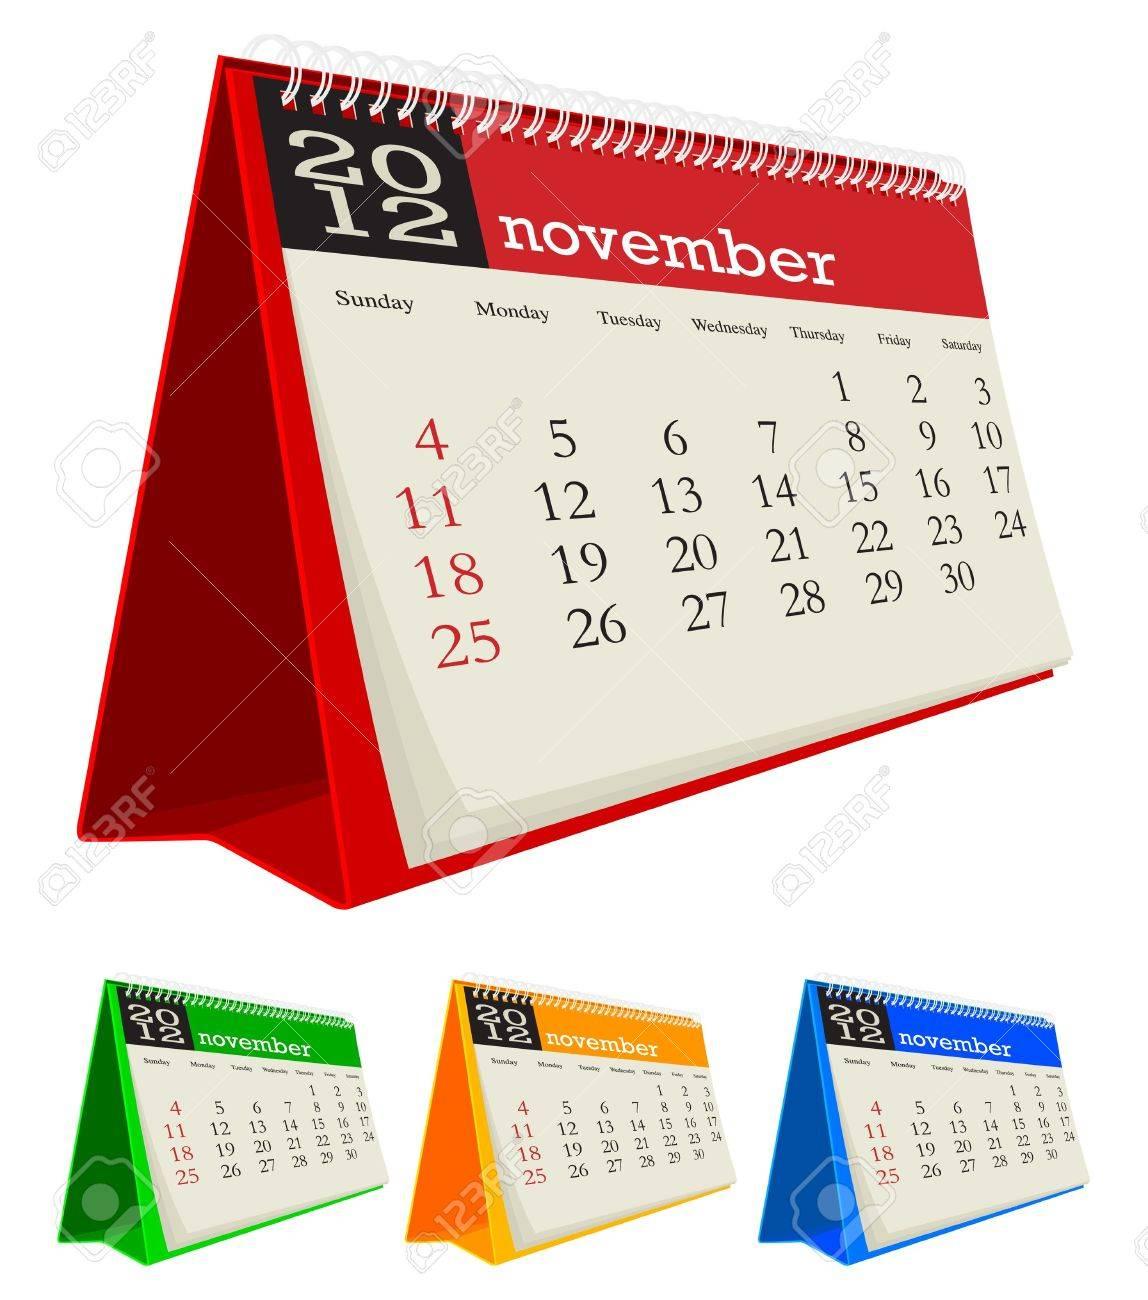 november 2012 desk calendar Stock Vector - 10619033